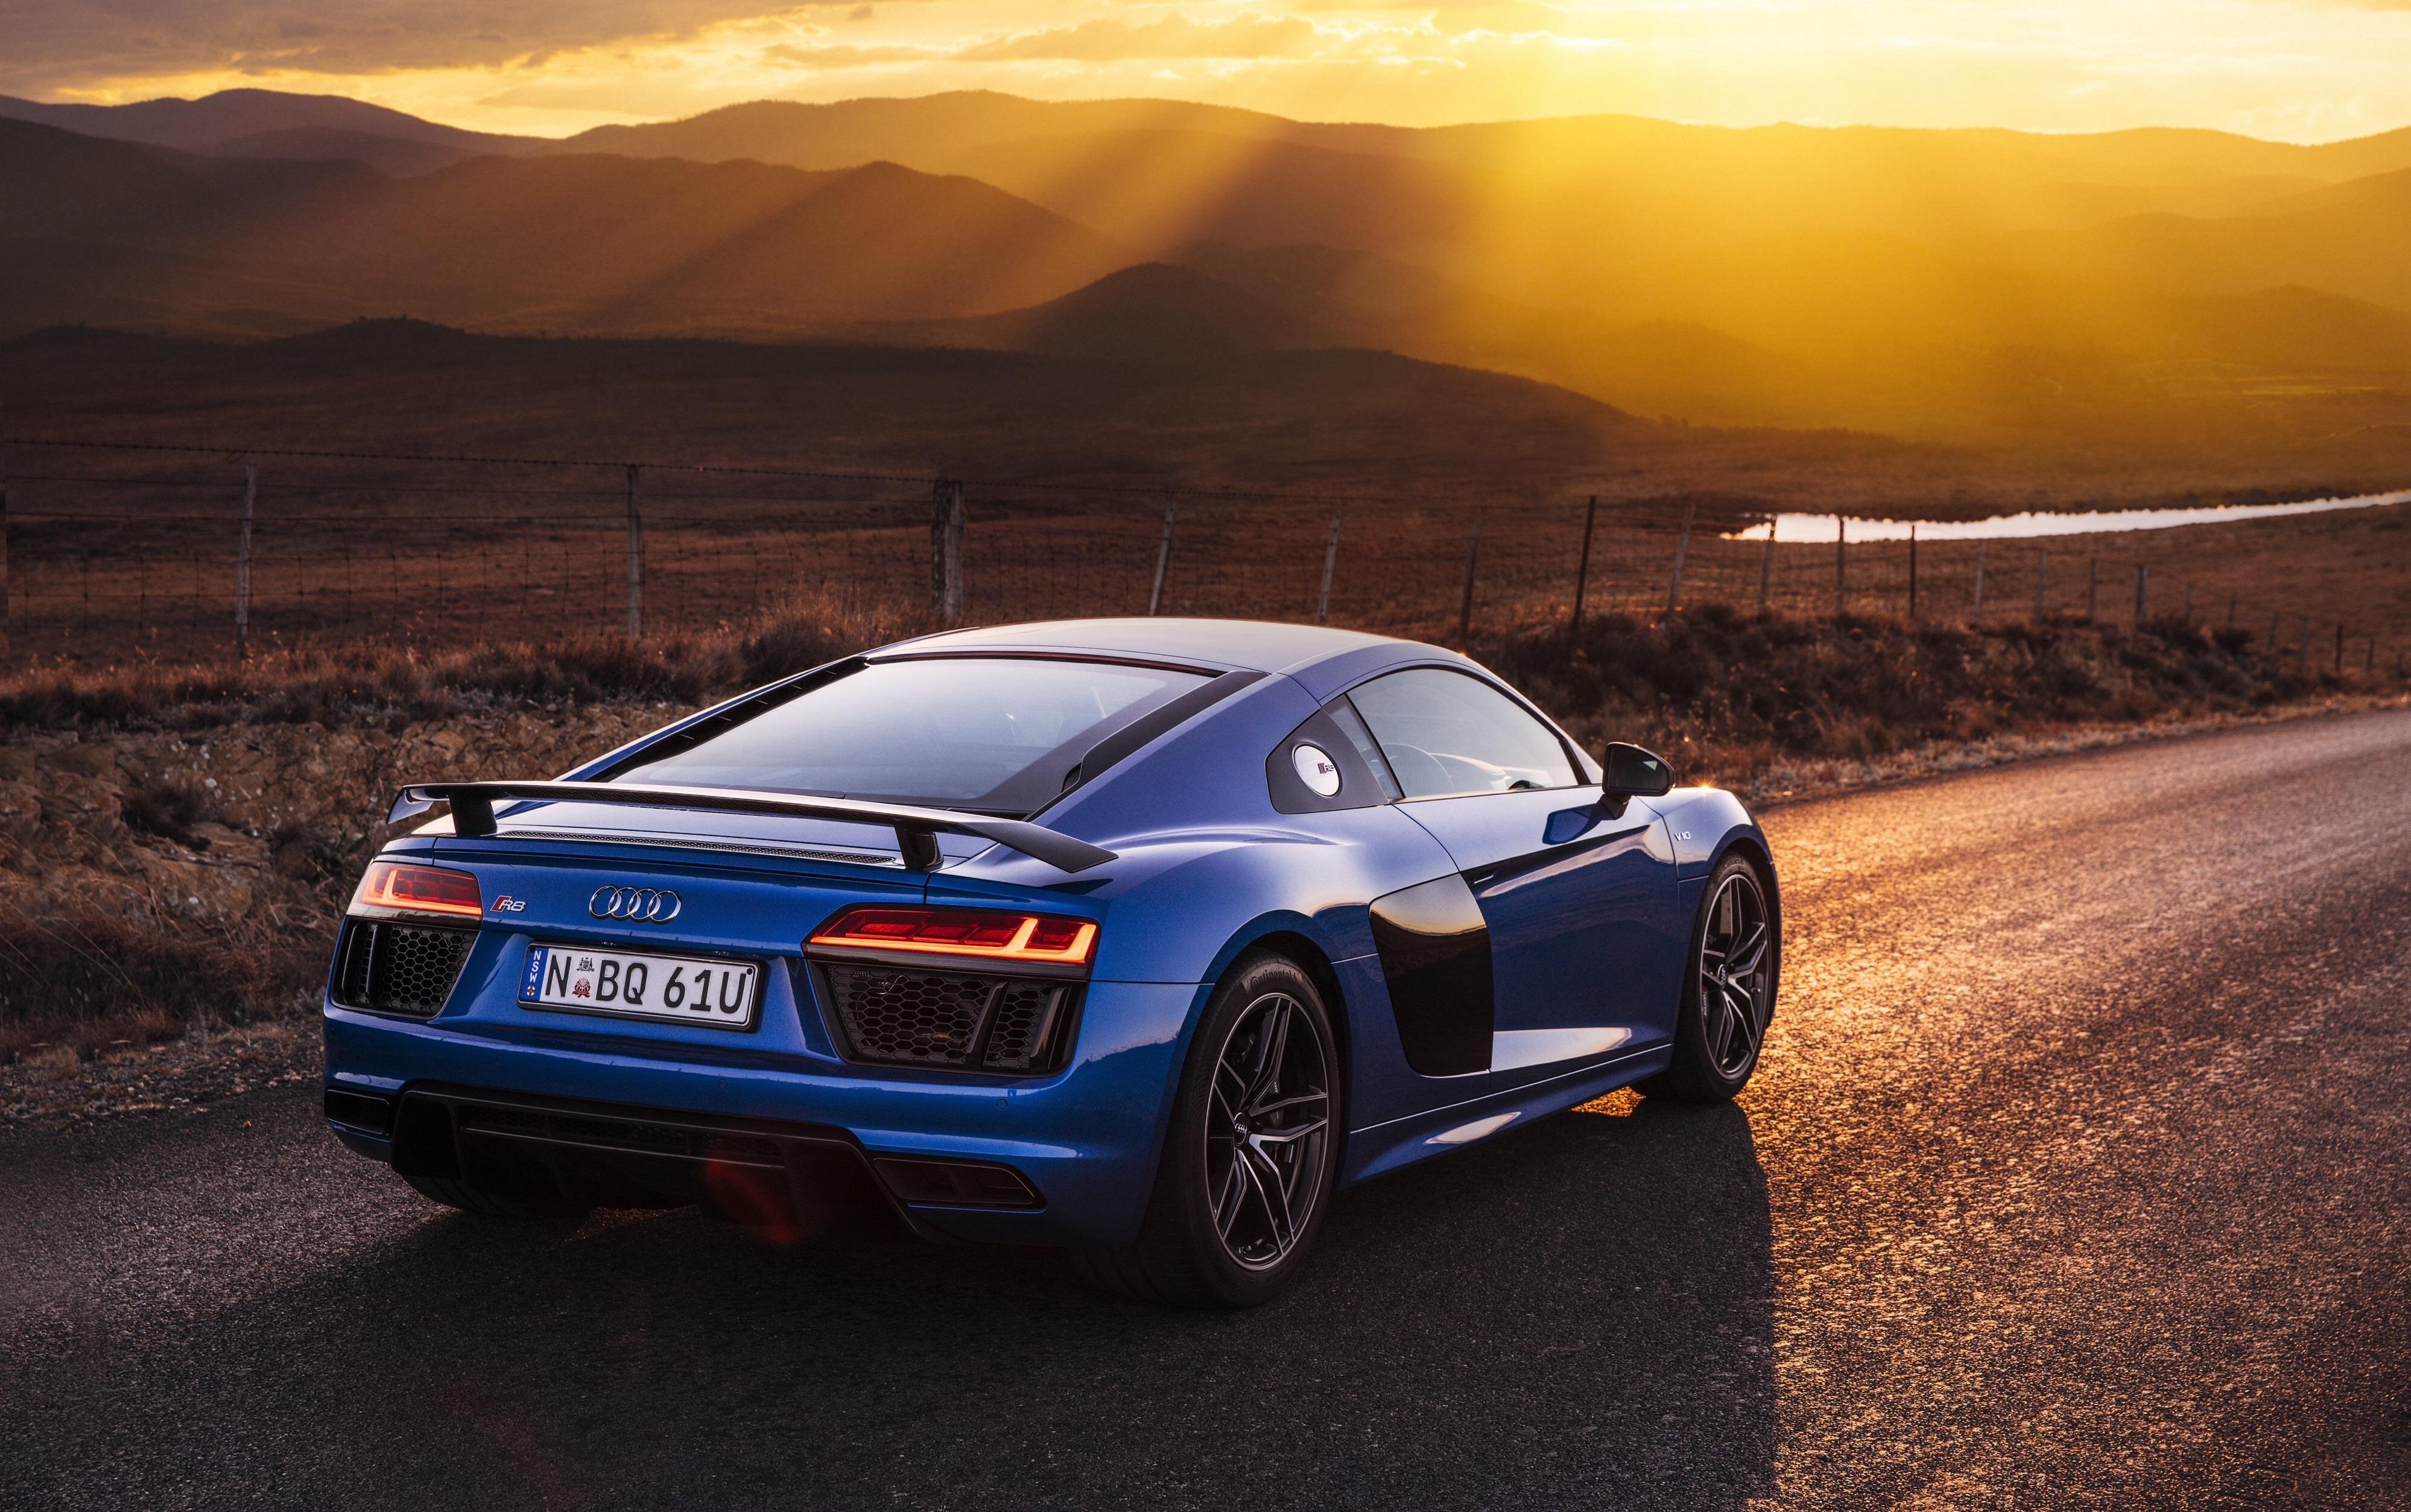 Audi R8 4k Ultra Tapeta Hd Tło 3997x2507 Id713360 Wallpaper